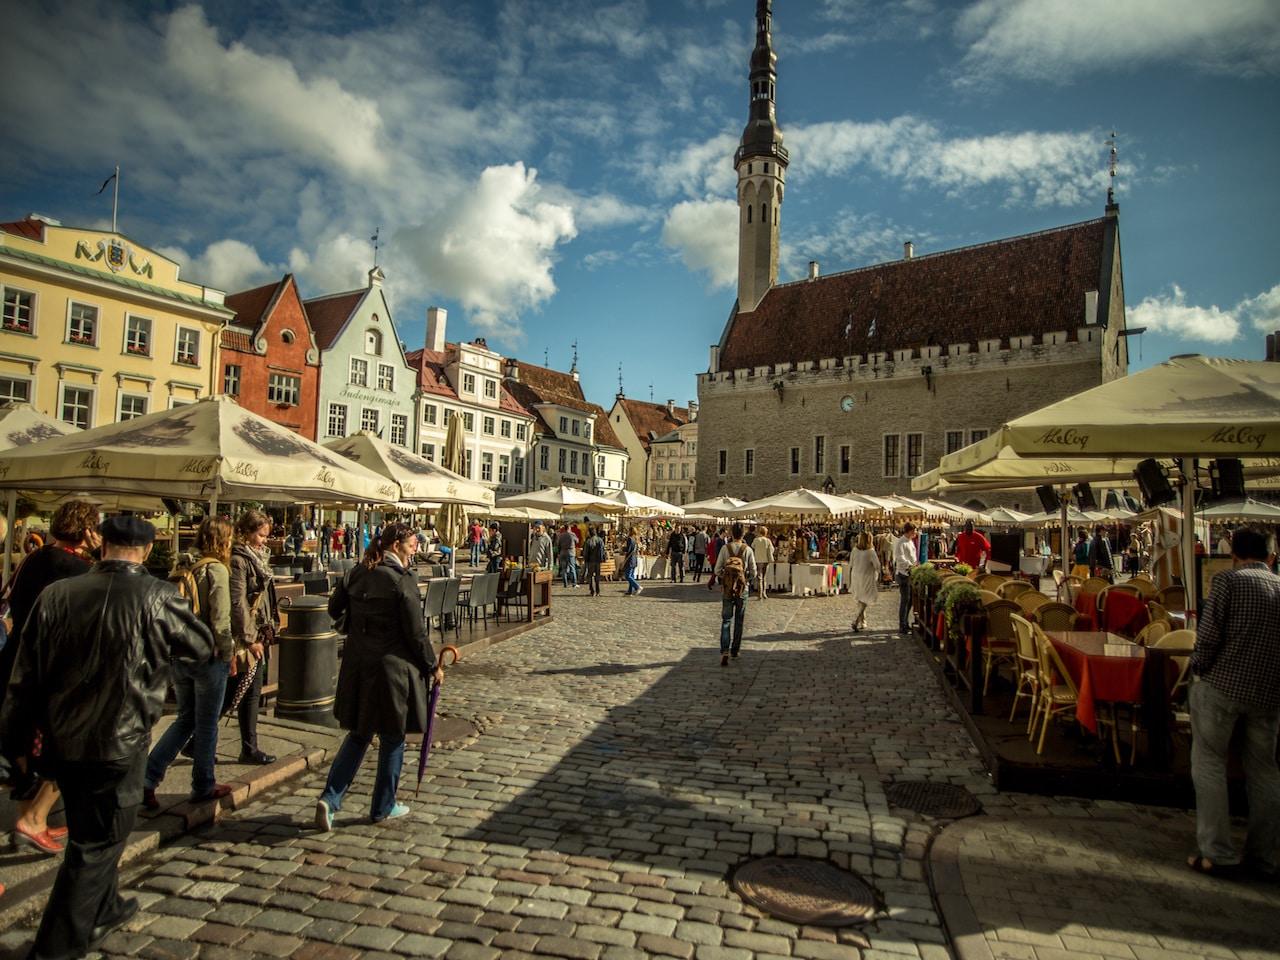 Landausflug in Tallinn: Malerische Szenen in der Altstadt von Tallinn